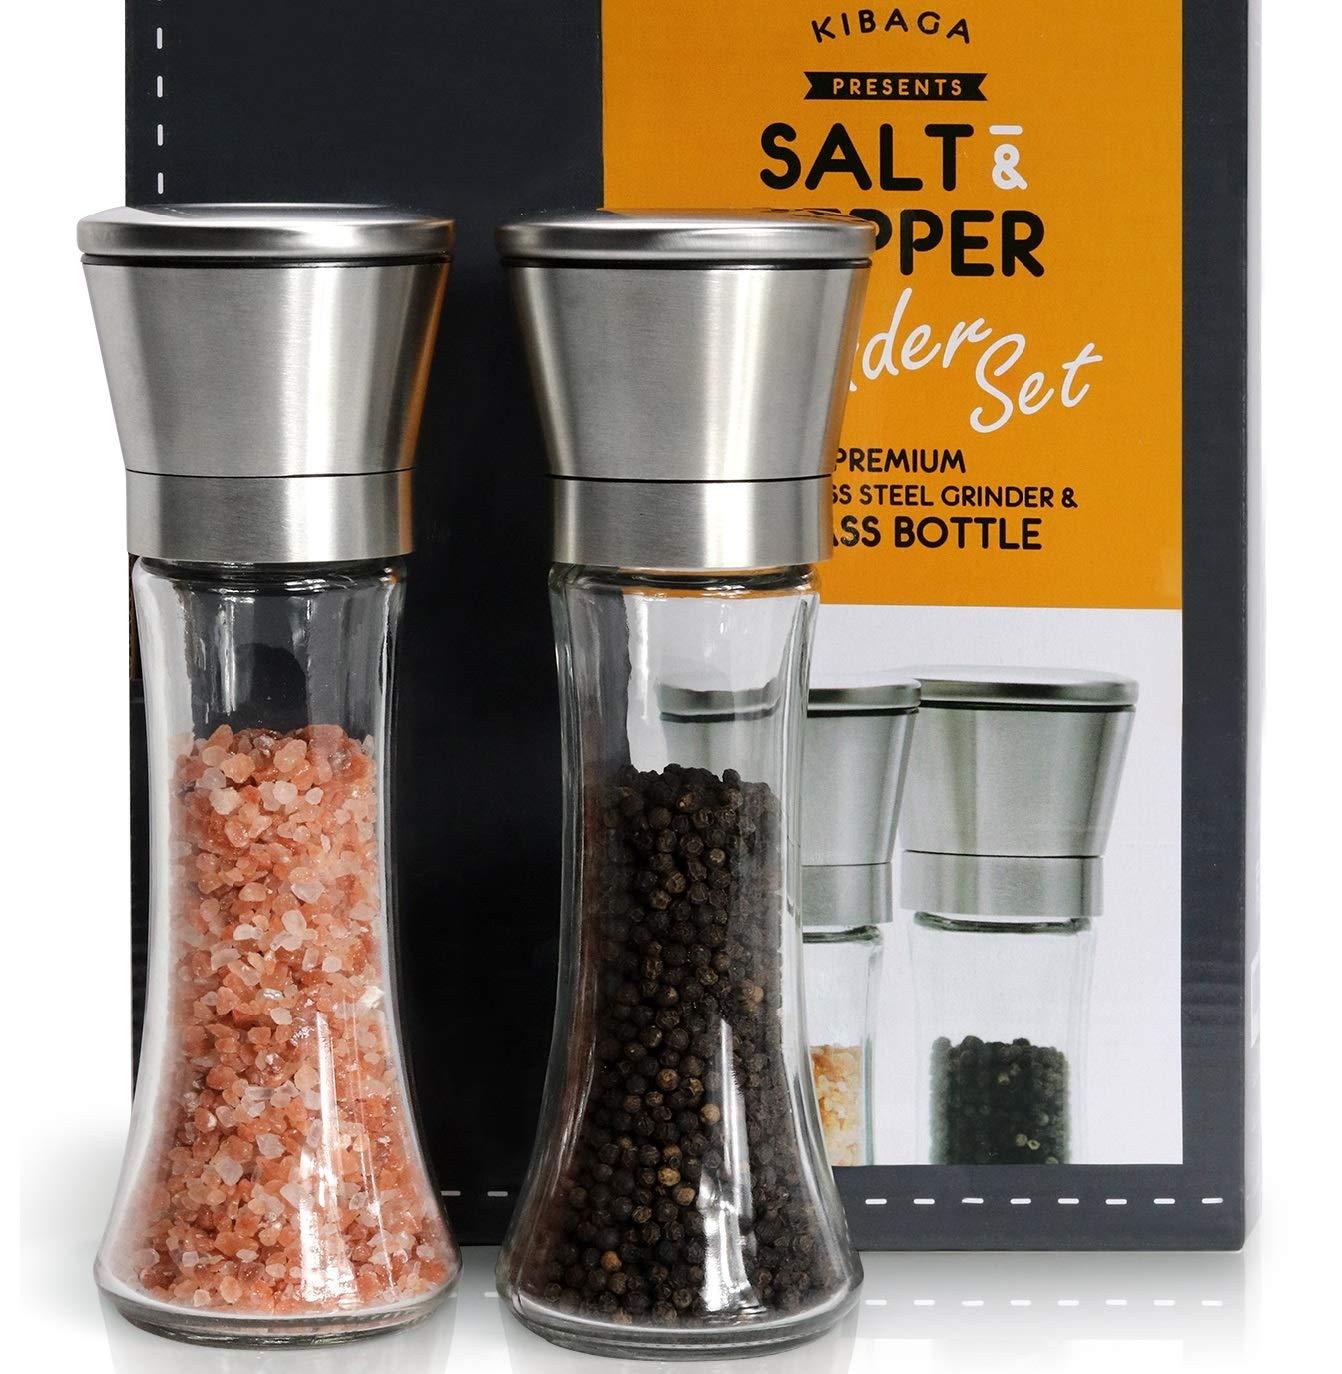 Elegant Salt And Pepper Grinder Set Of 2 - Premium Stainless Steel Pepper Grinder - Enjoy Your Favorite Spices, Fresh Ground Pepper, Himalayan Or Sea Salts KIBAGA kiba-saltpeppergrinder-1